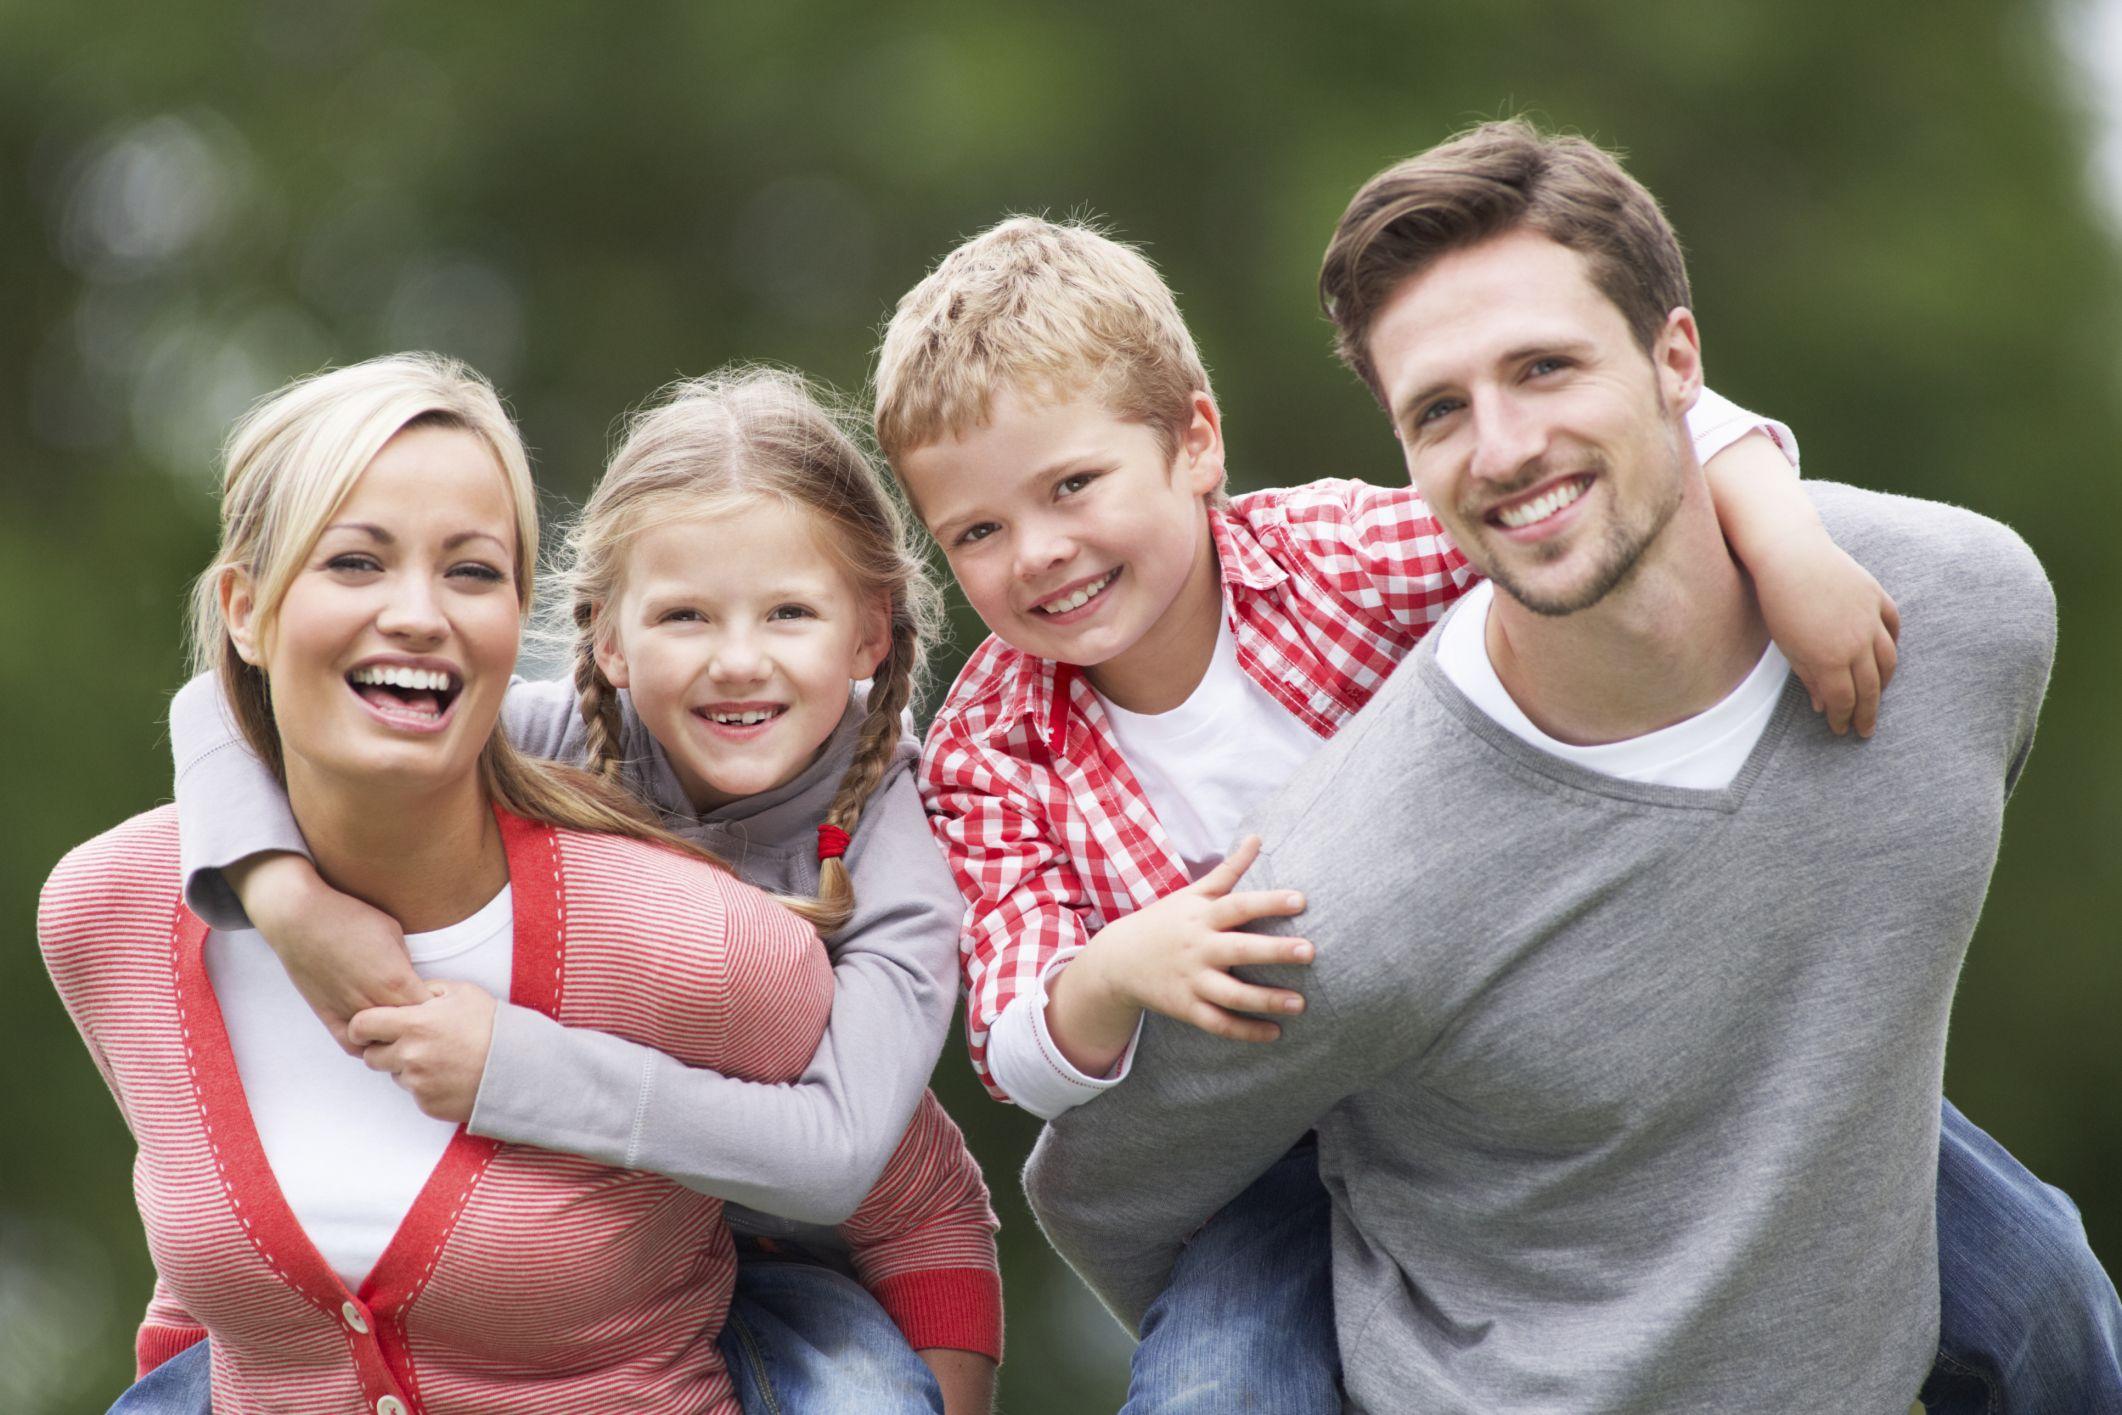 Взаимопонимание уважение в семье